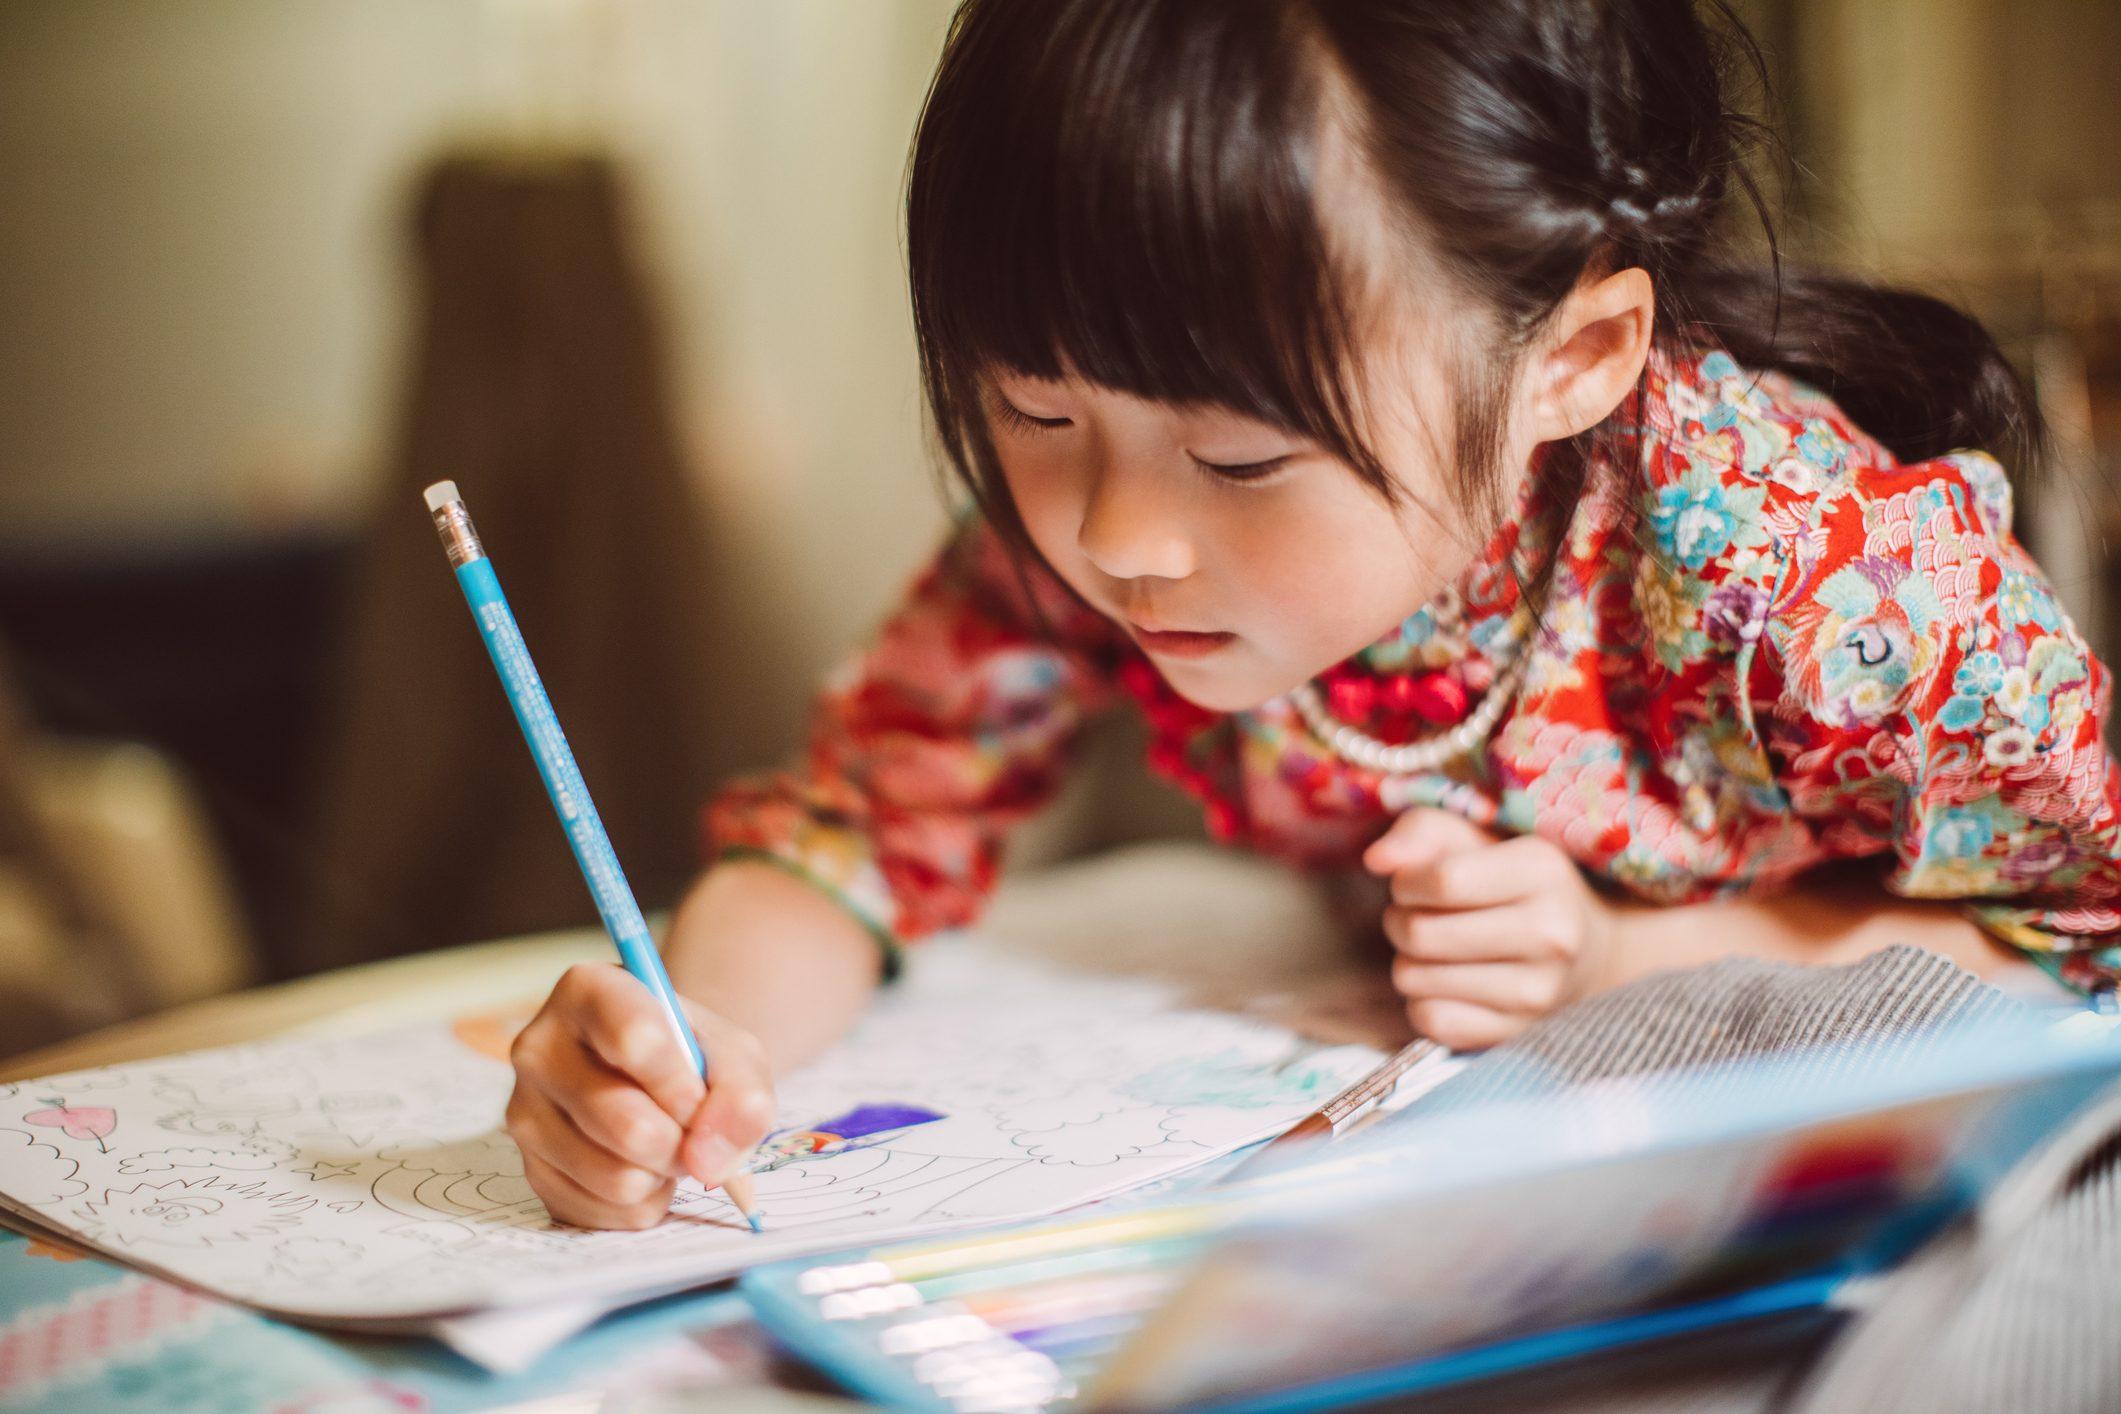 little girl drawing artwork